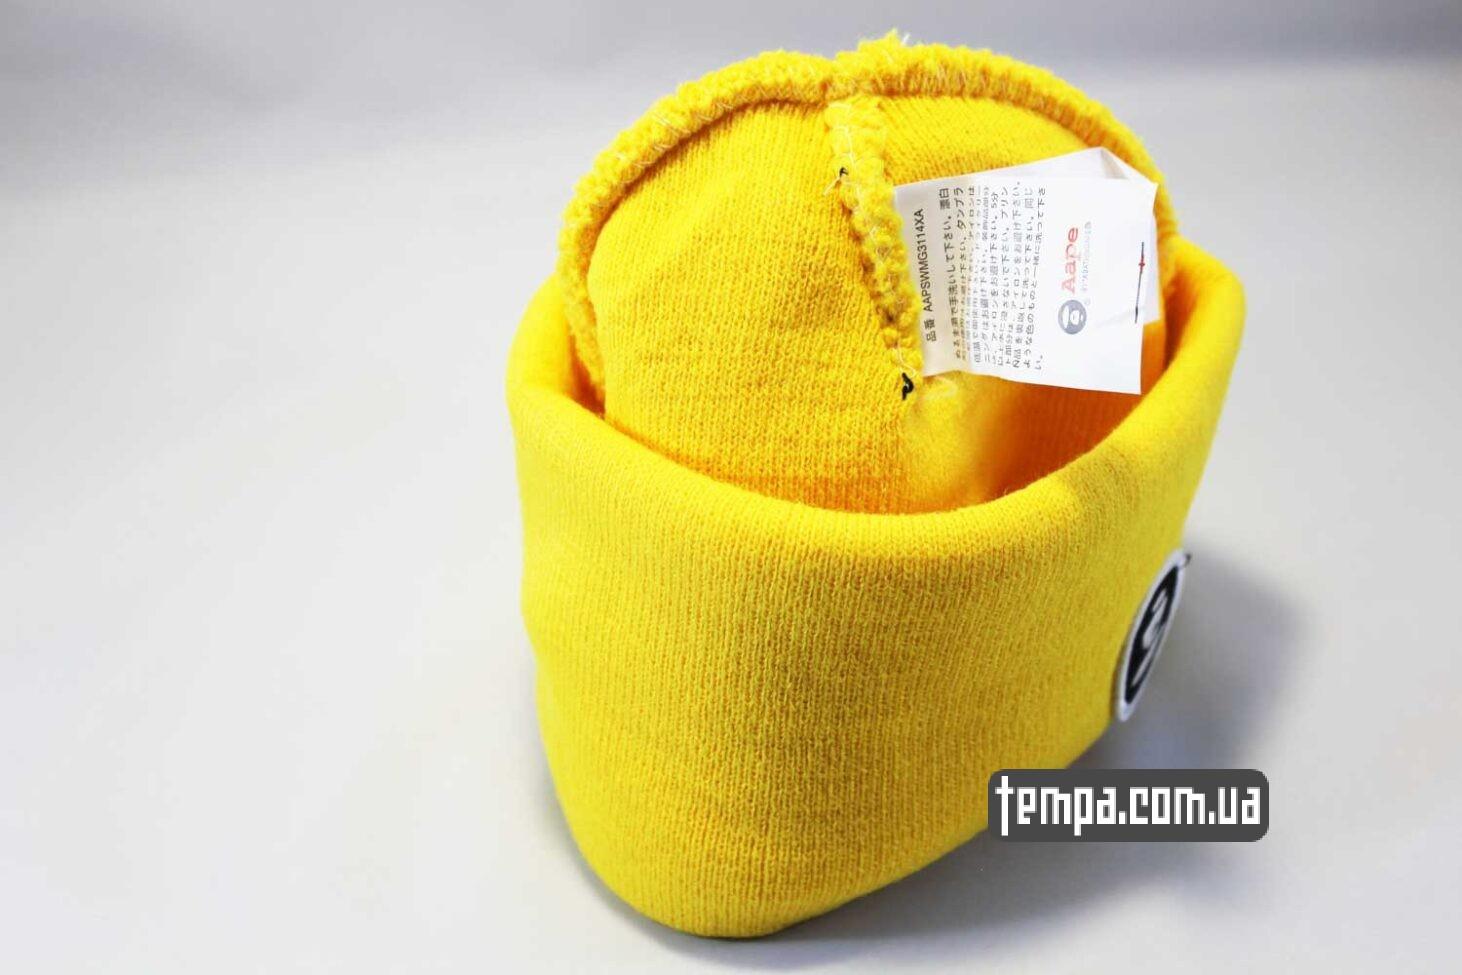 теплая зимняя шапка beanie Aape желтая Украина Купить